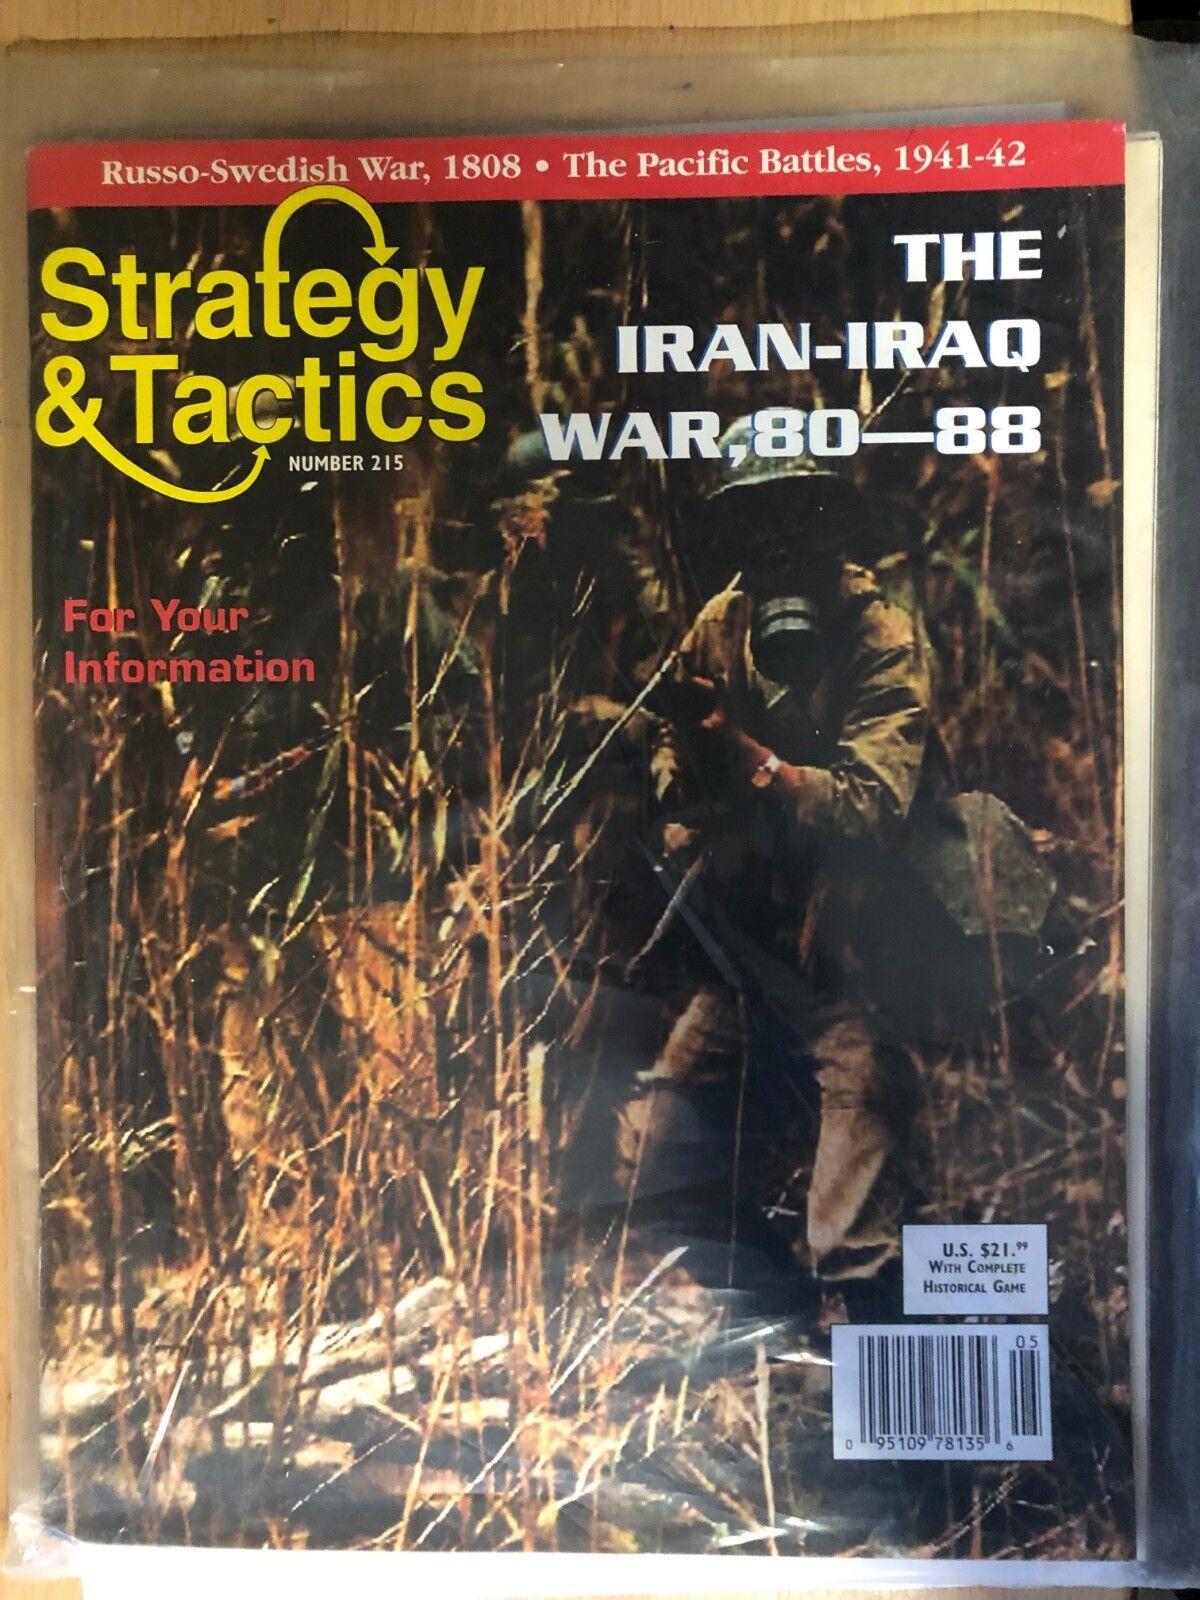 Strategie & Taktik 215 - The Iran-Iraq Krieg, 80-88